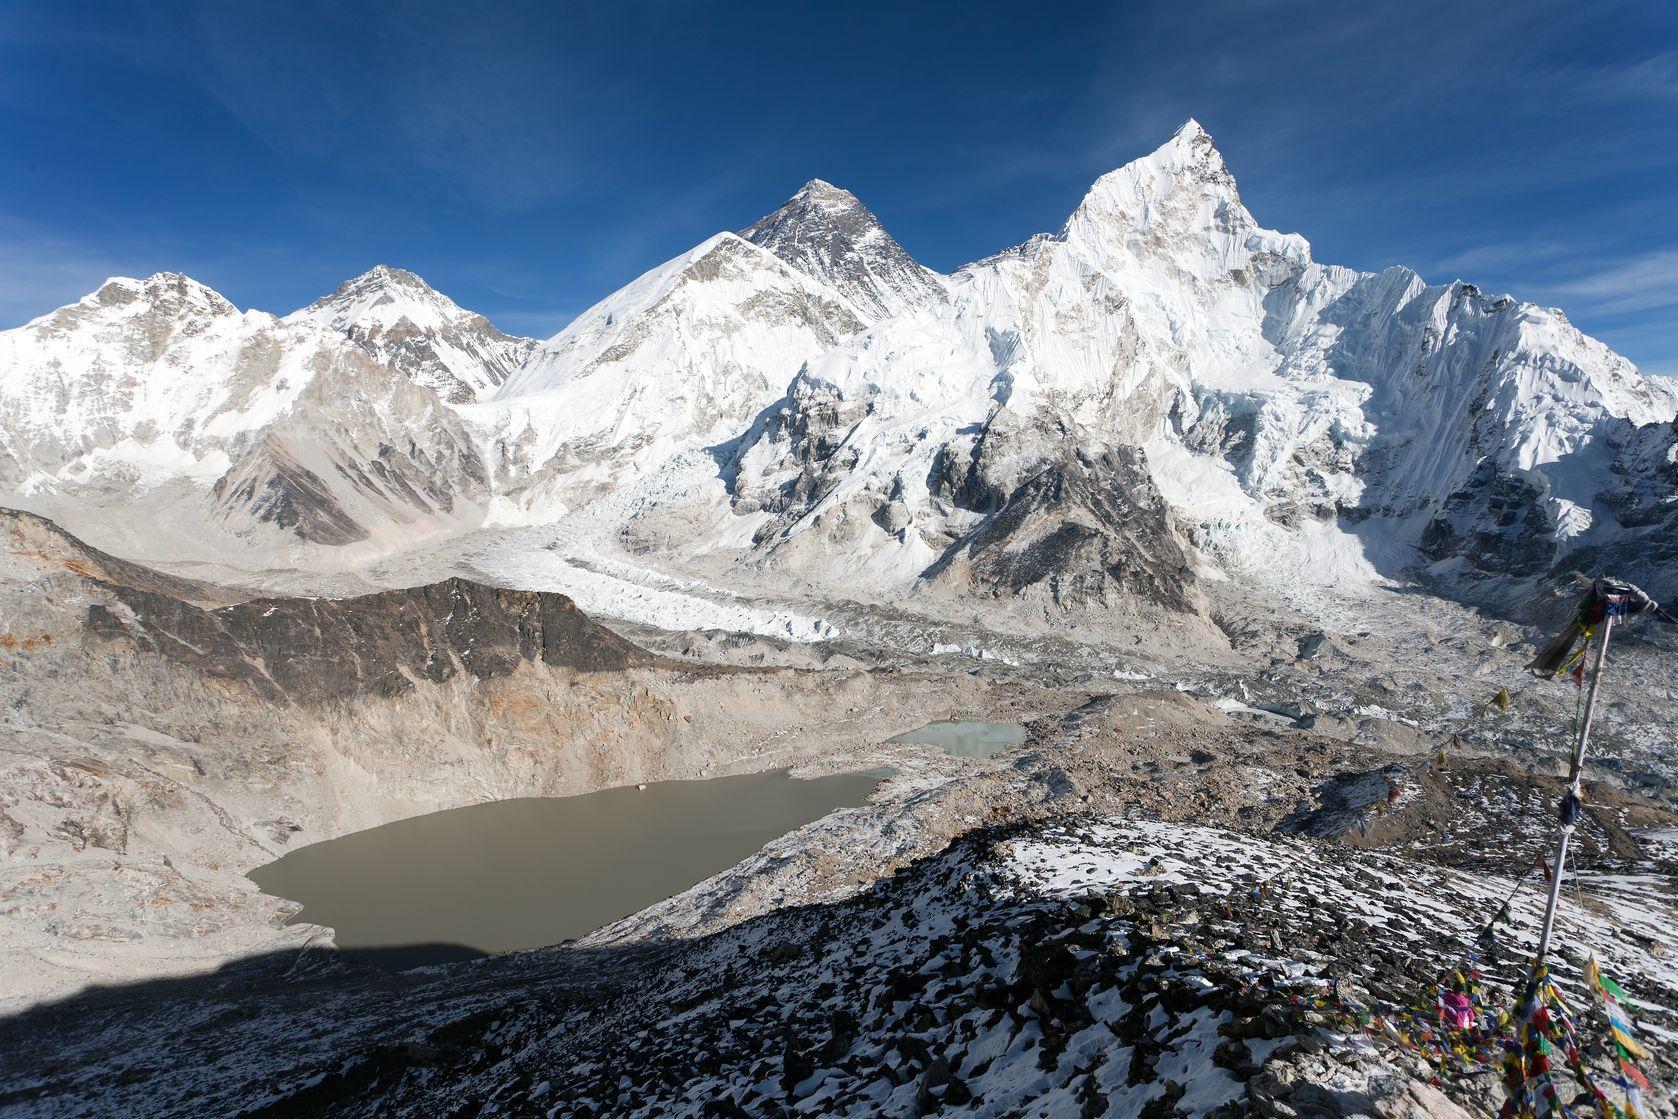 Panoramatický výhled na Mount Everest a Khumbu ledovec | prudek/123RF.com